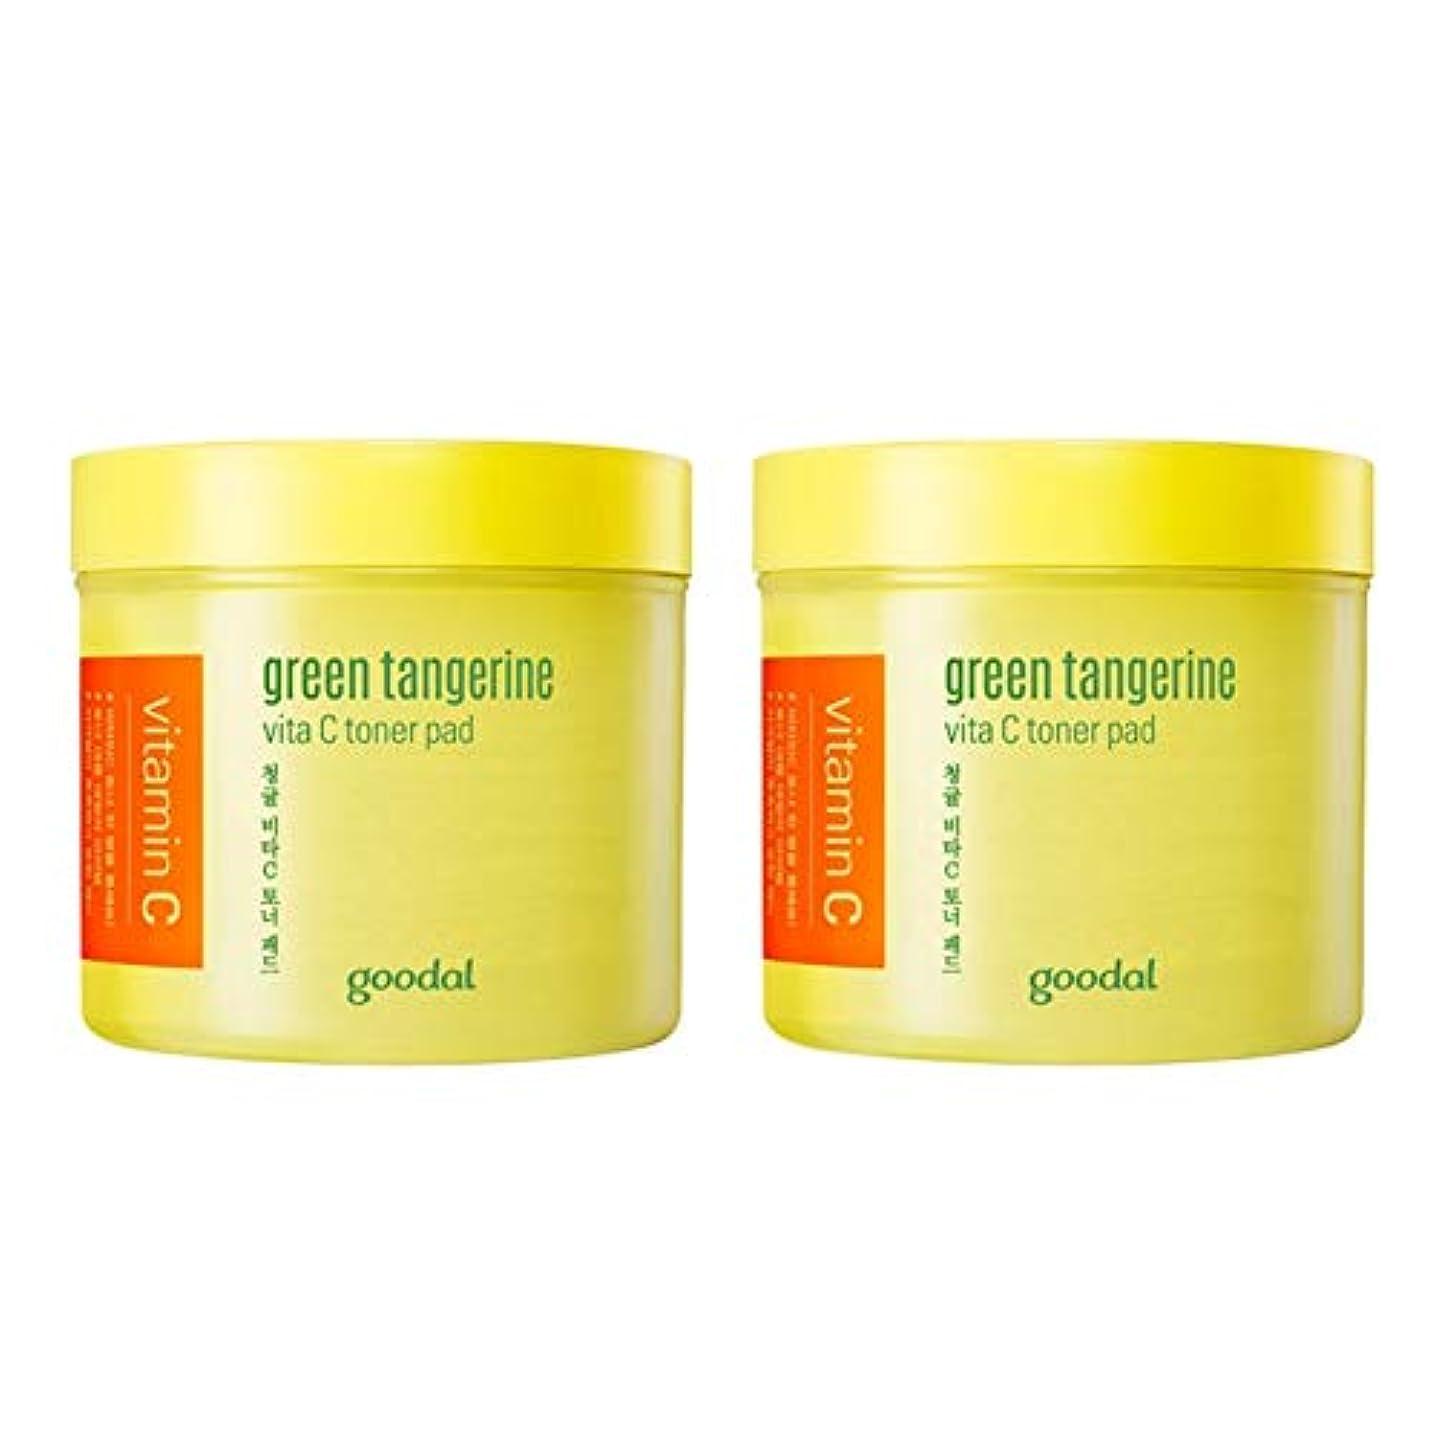 ヒステリック入口エレクトロニックグドール青みかんヴィータCトナーパッド70px2本セット質除去、水分供給 韓国コスメ 、Goodal Green Tangerine Vita C Toner Pad 70p x 2ea Set Korean Cosmetics...